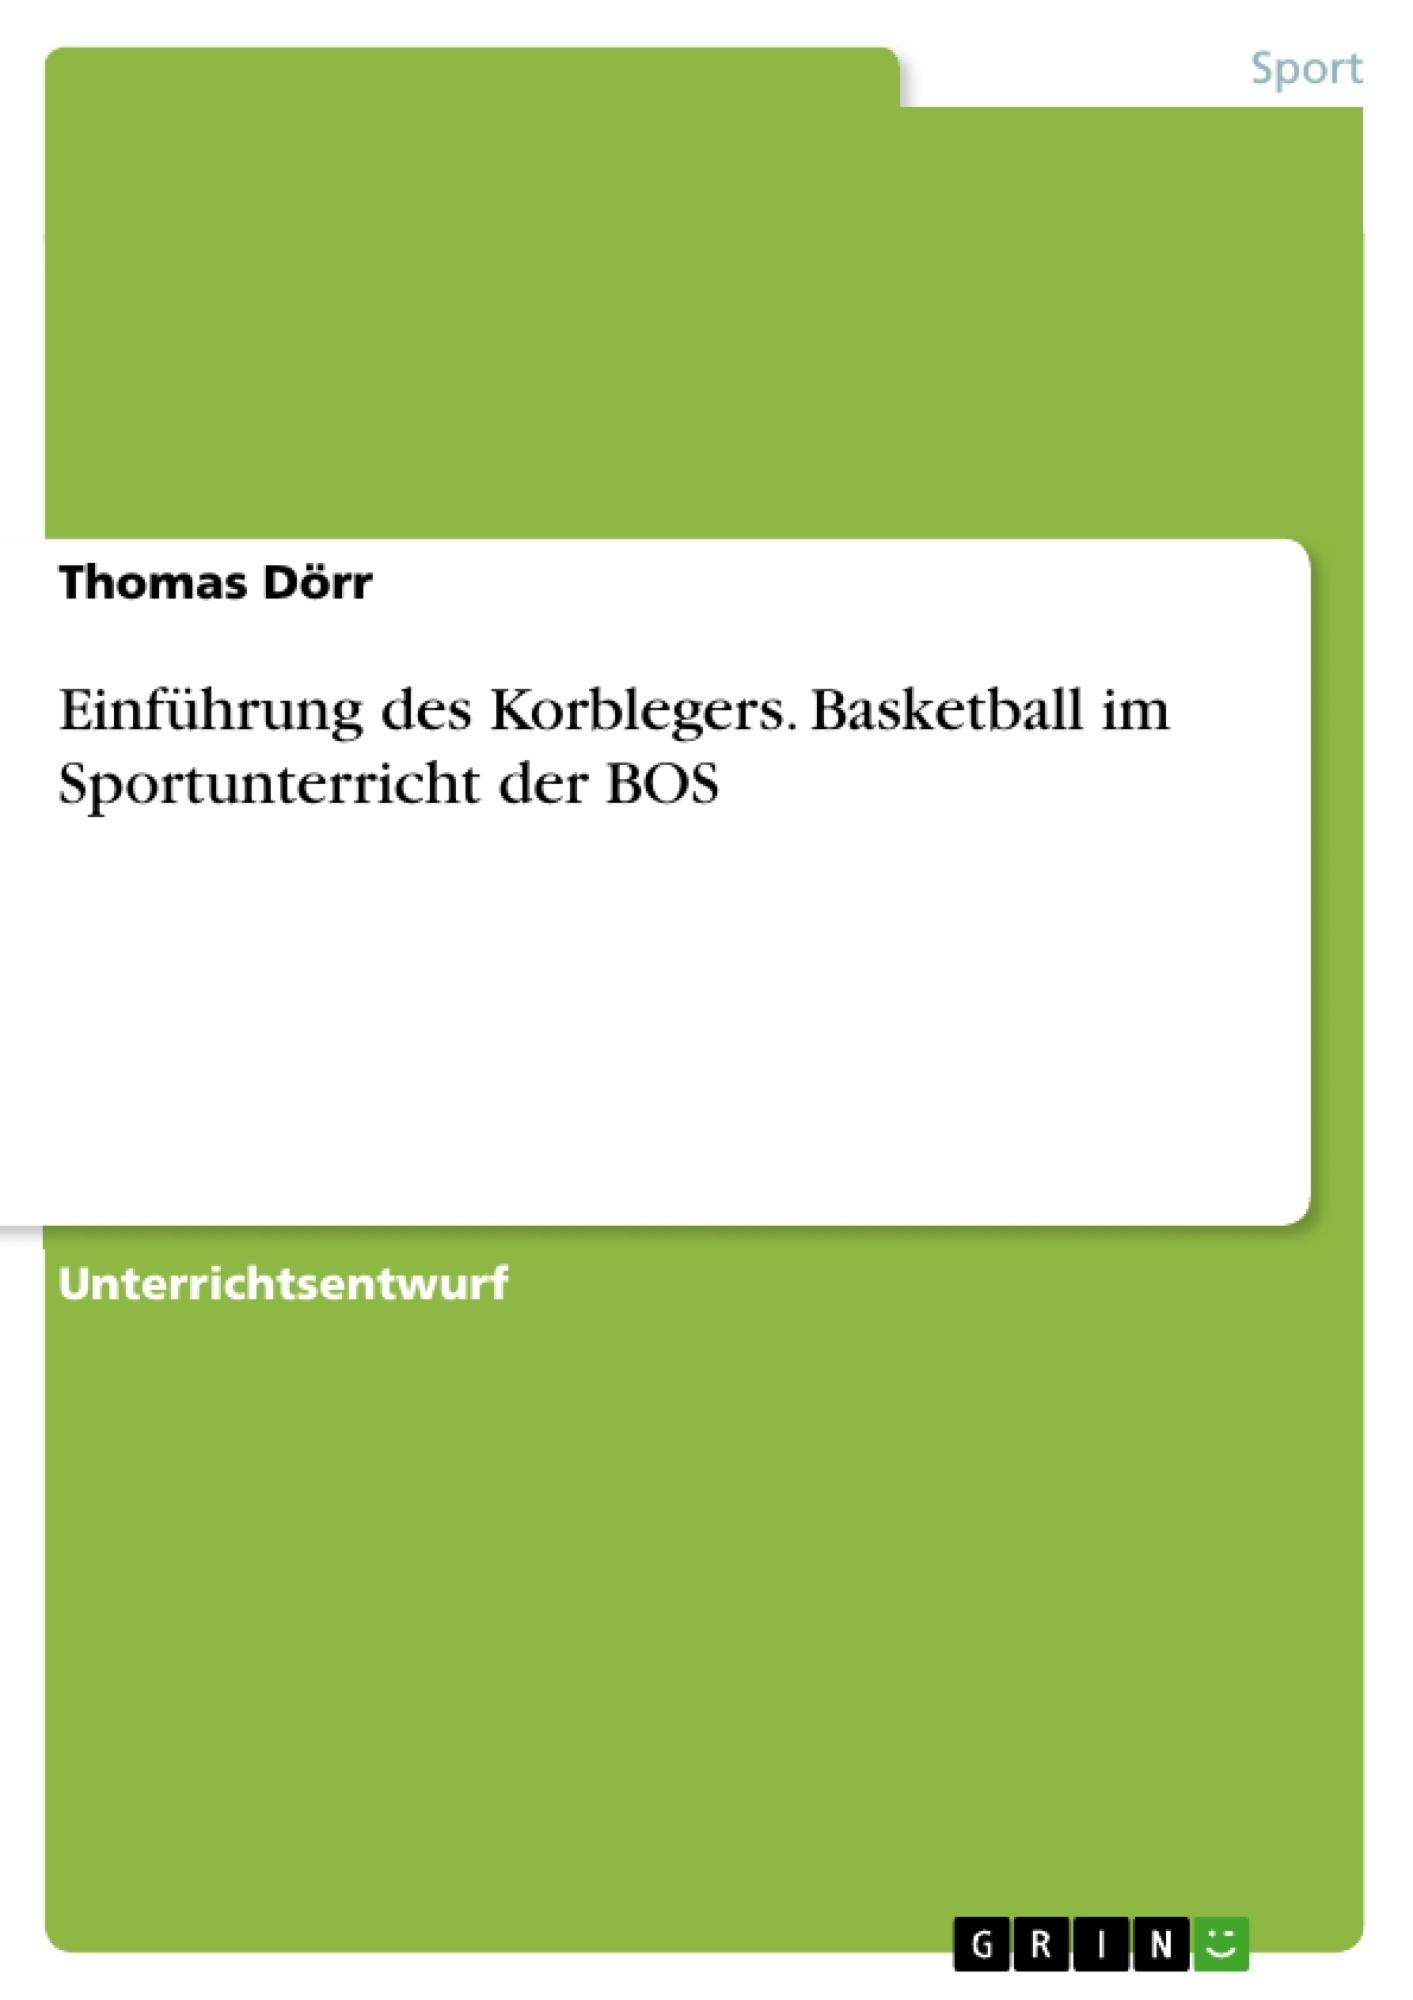 Titel: Einführung des Korblegers. Basketball im Sportunterricht der BOS